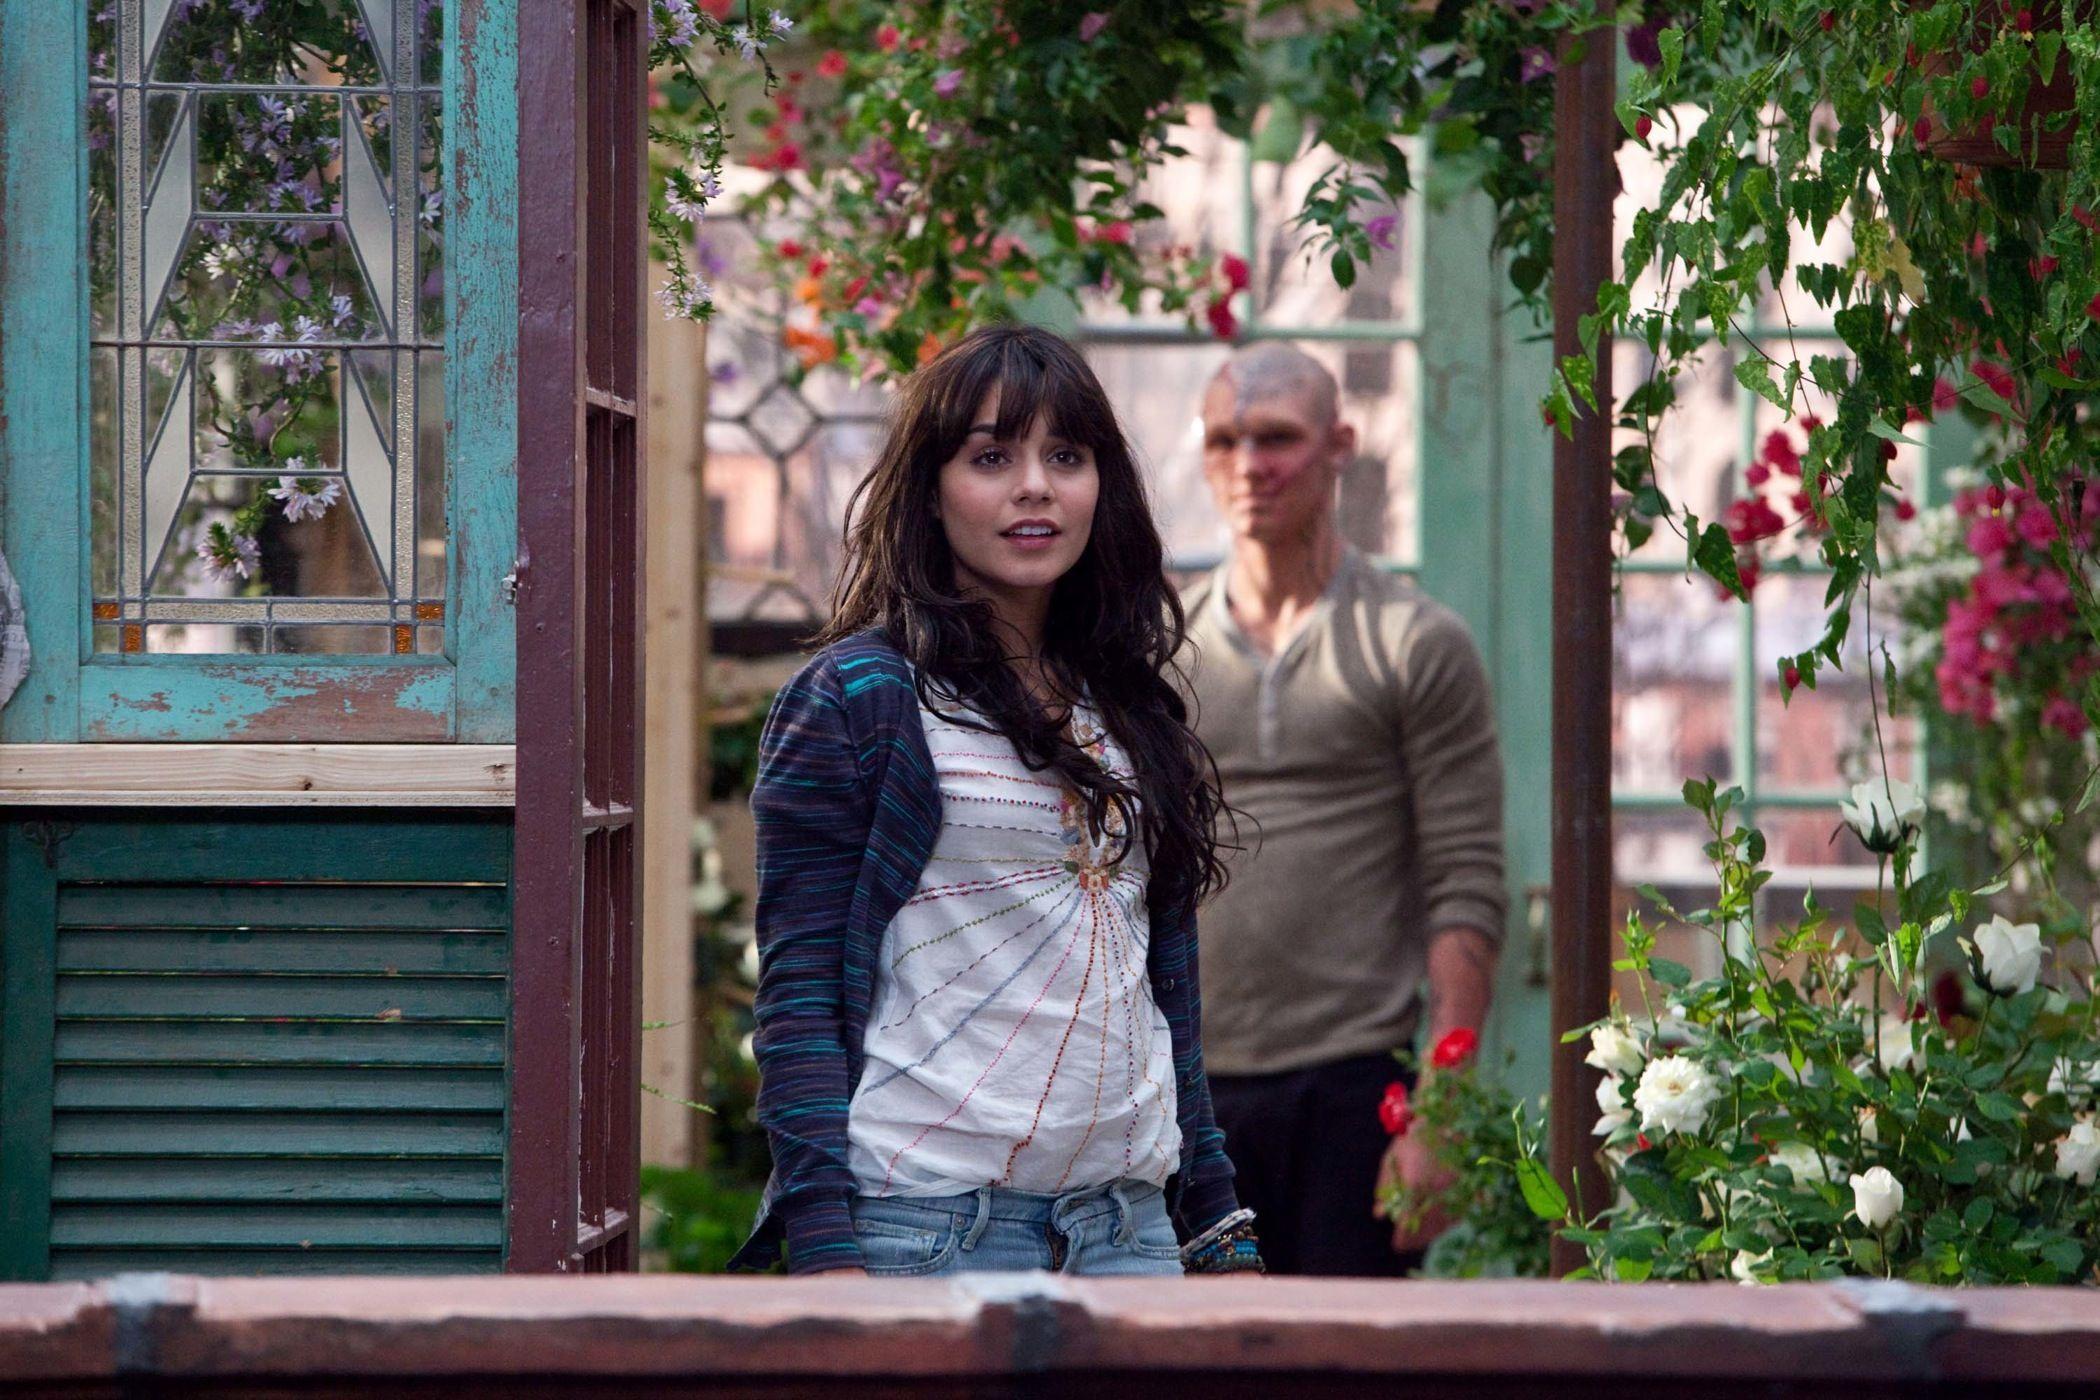 Кадры из фильма Страшно красив Ванесса Хадженс, Алекс Петтифер.